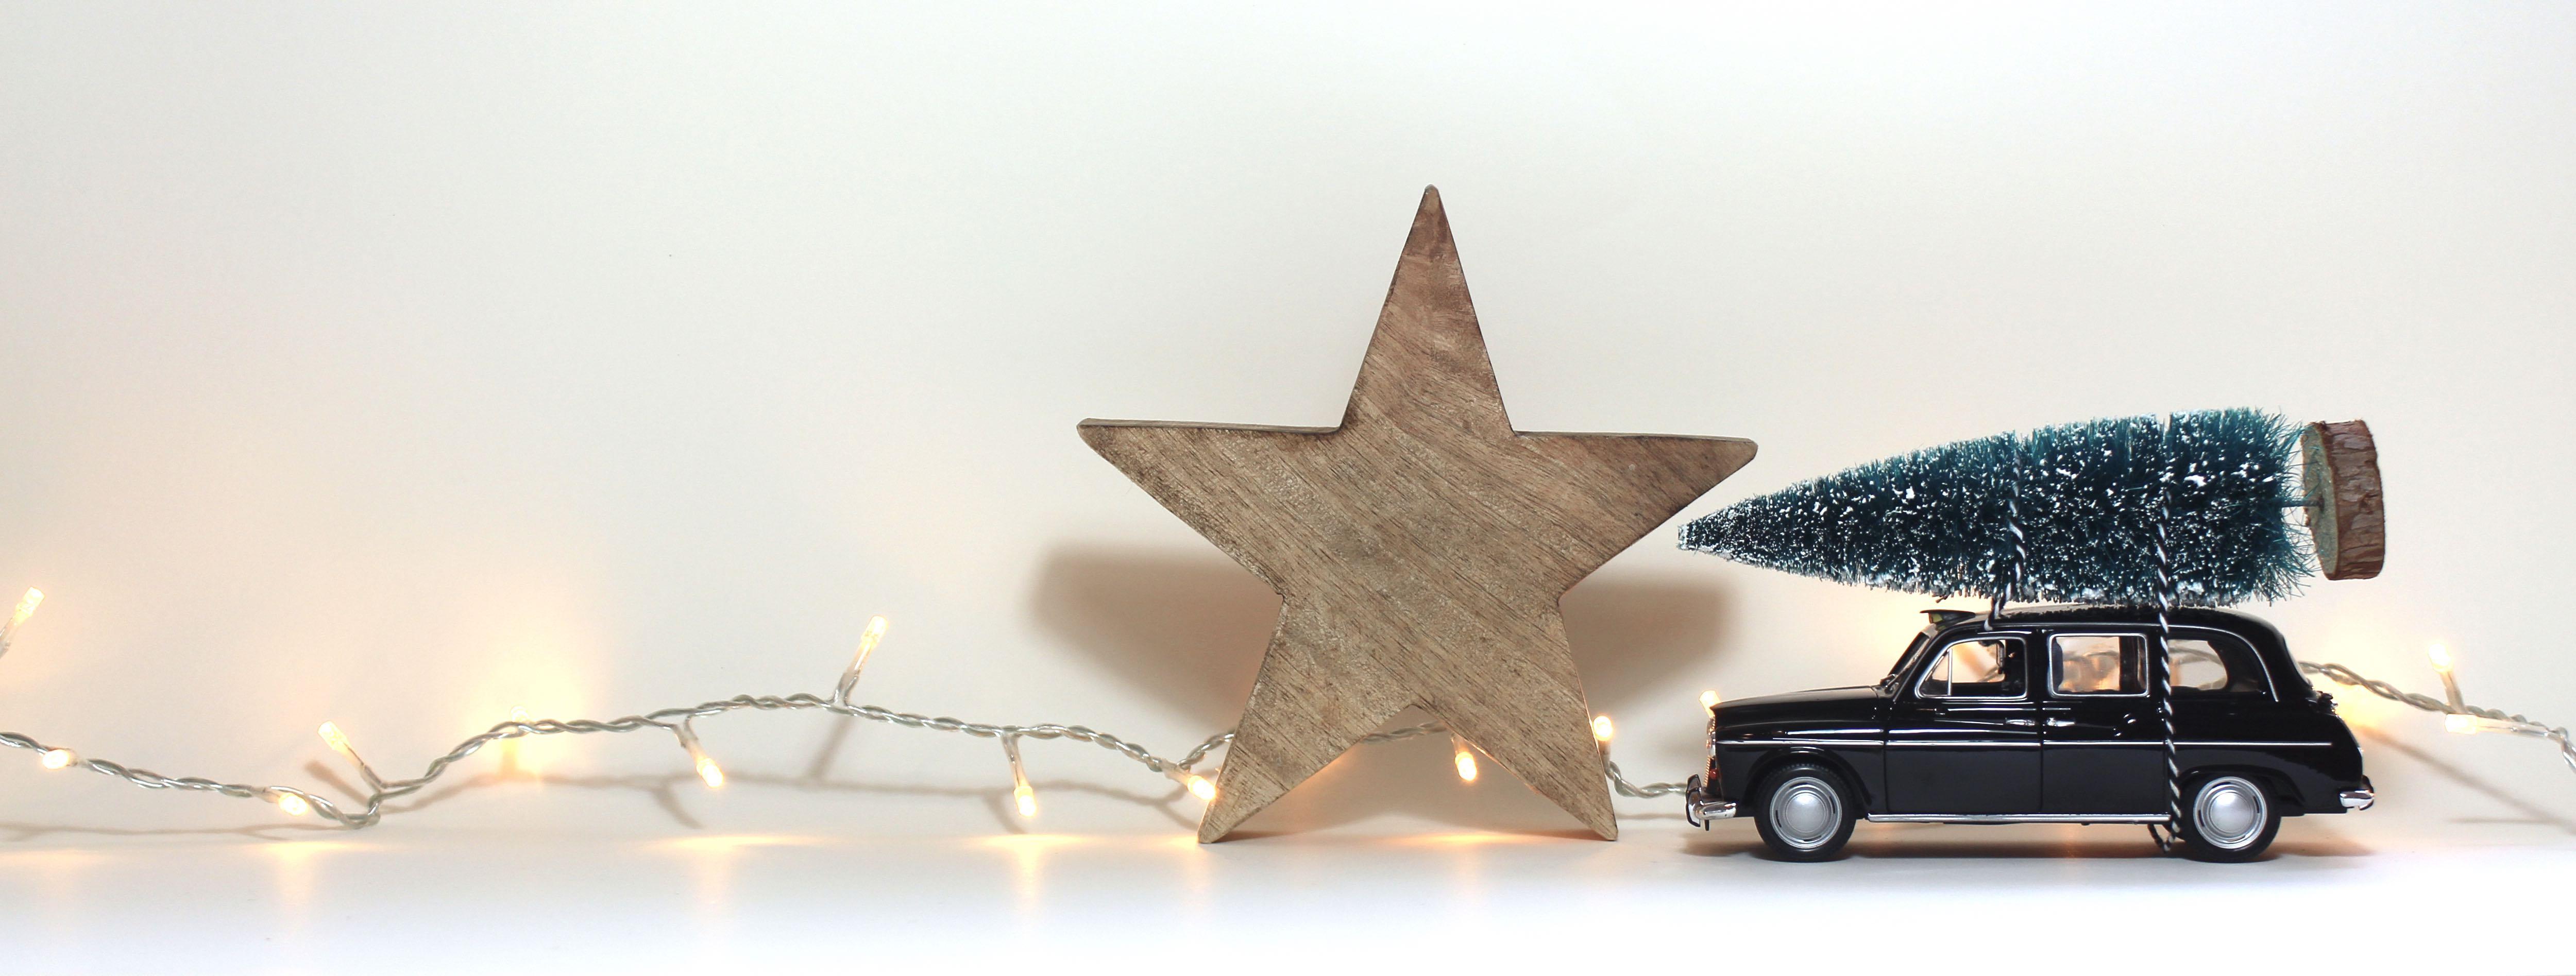 Weihnachtweltwelt